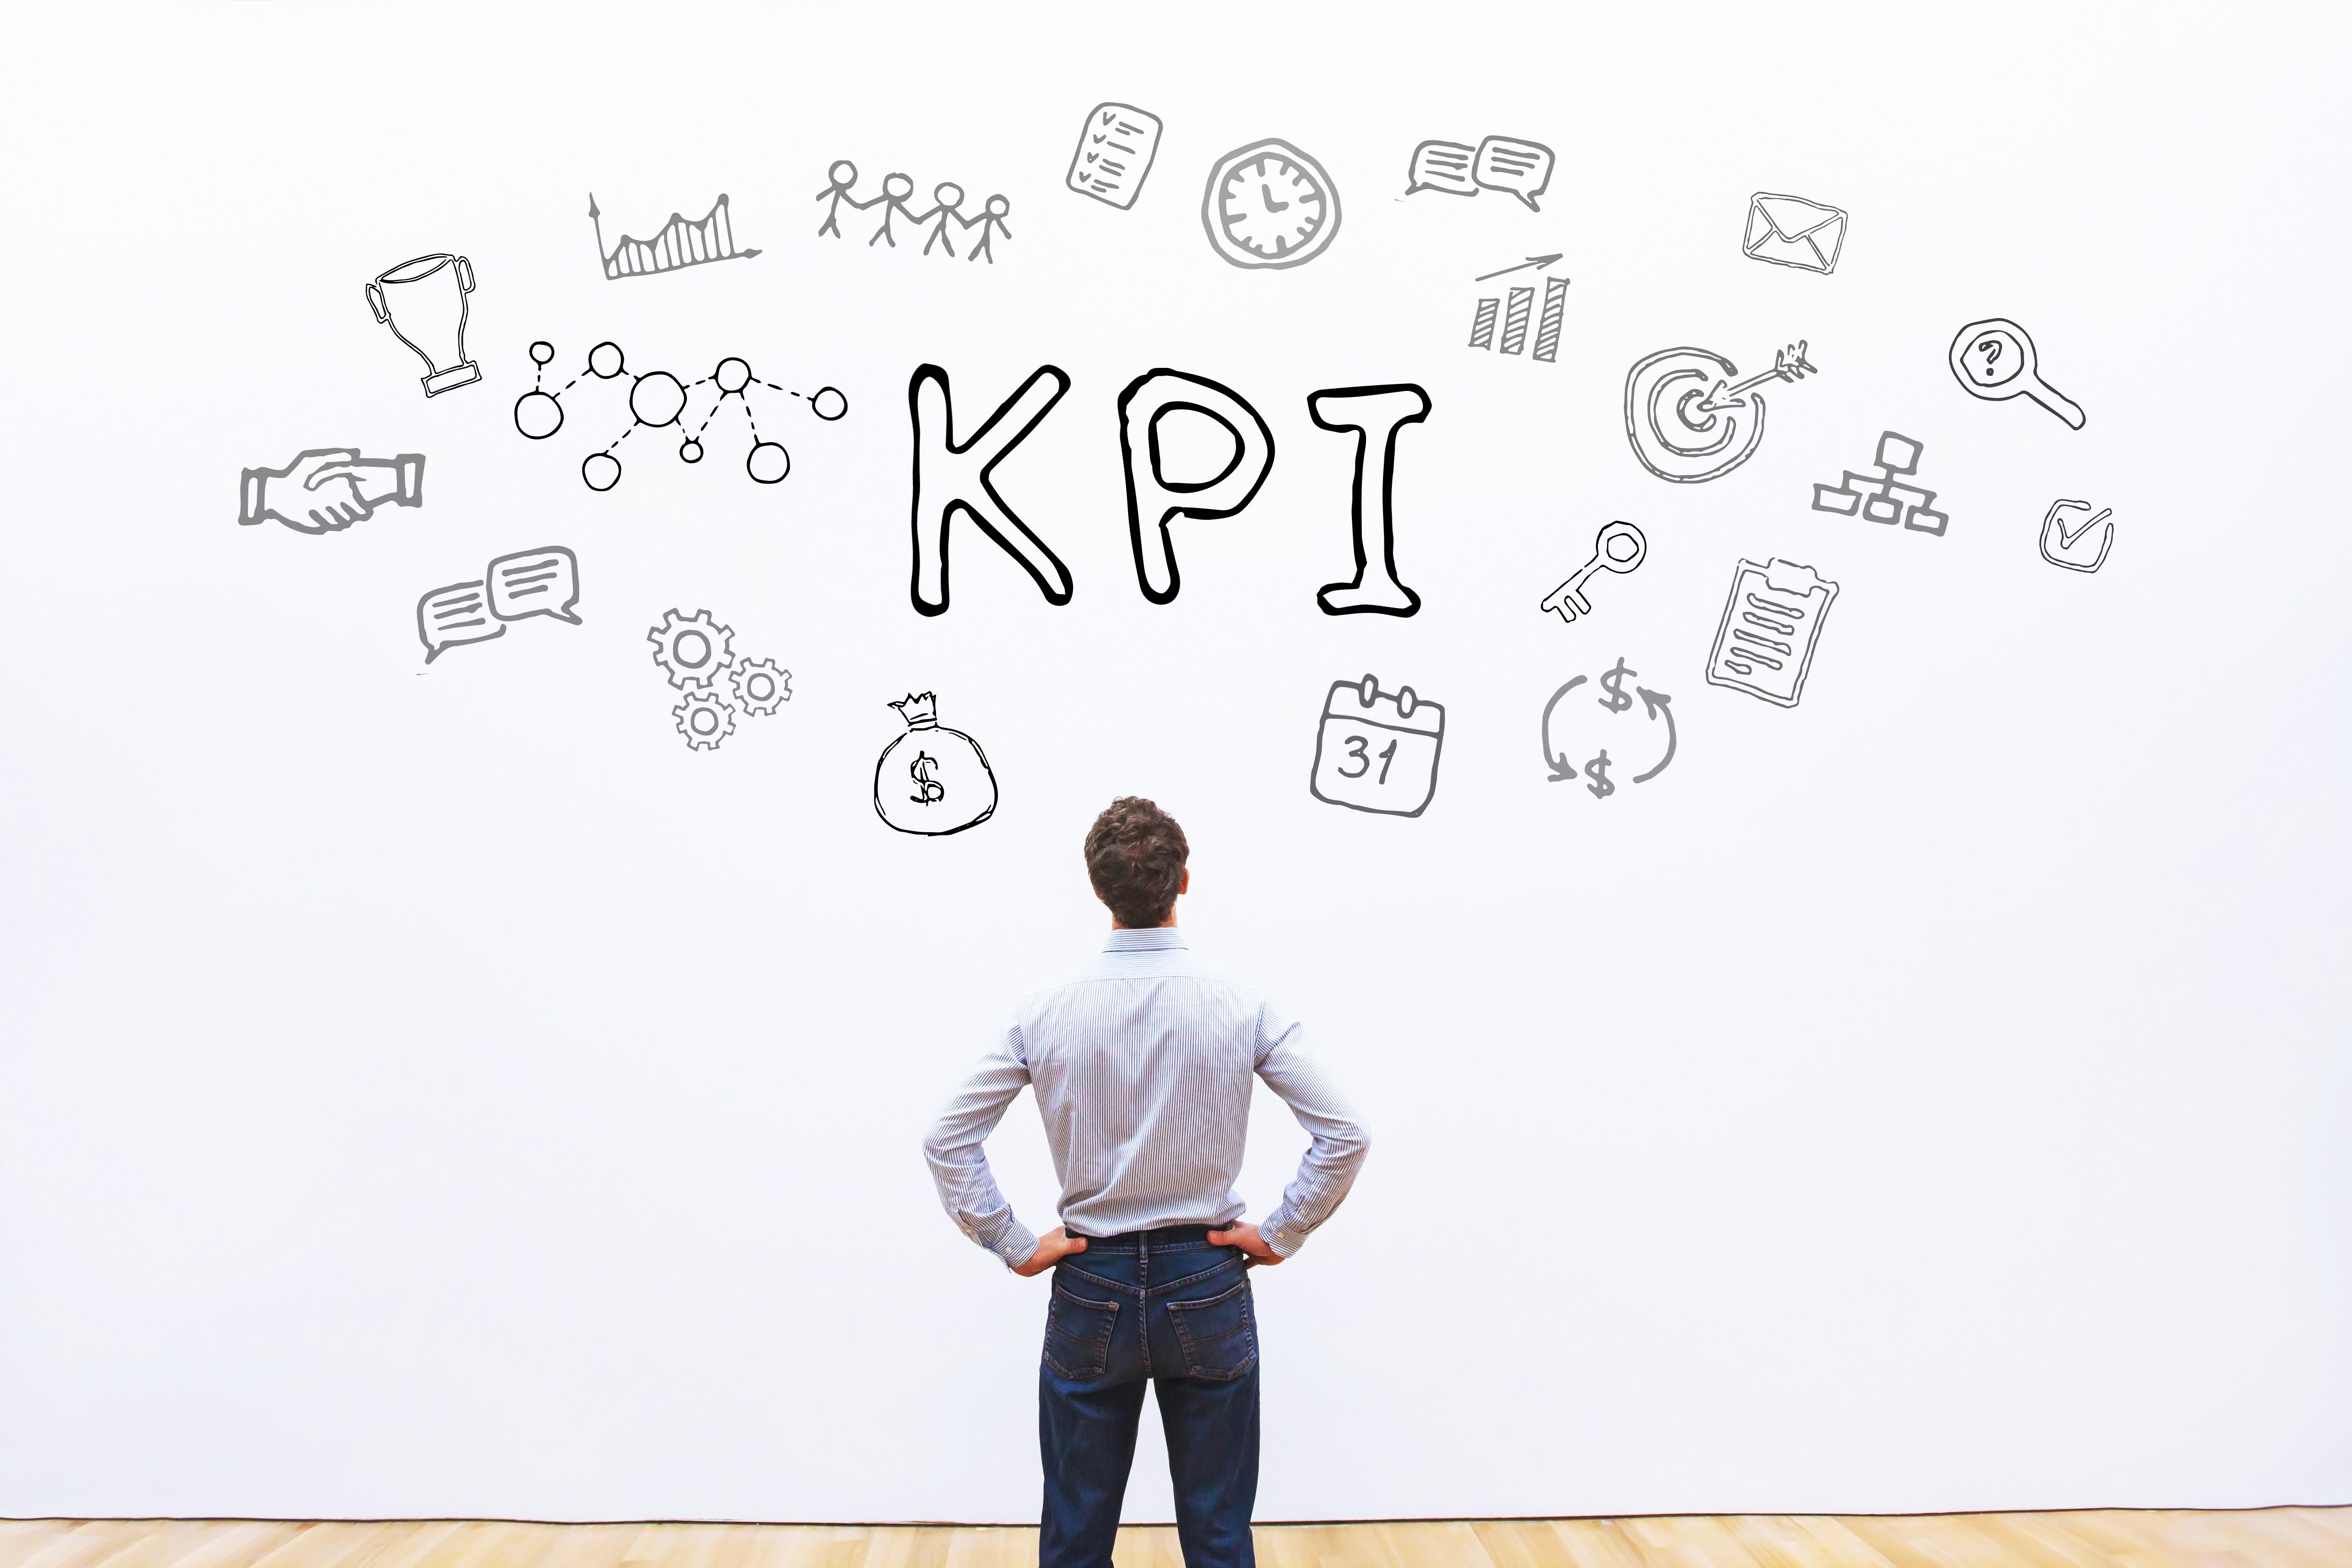 5 Simple Steps to Create Useful Key Performance Indicators (KPIs)